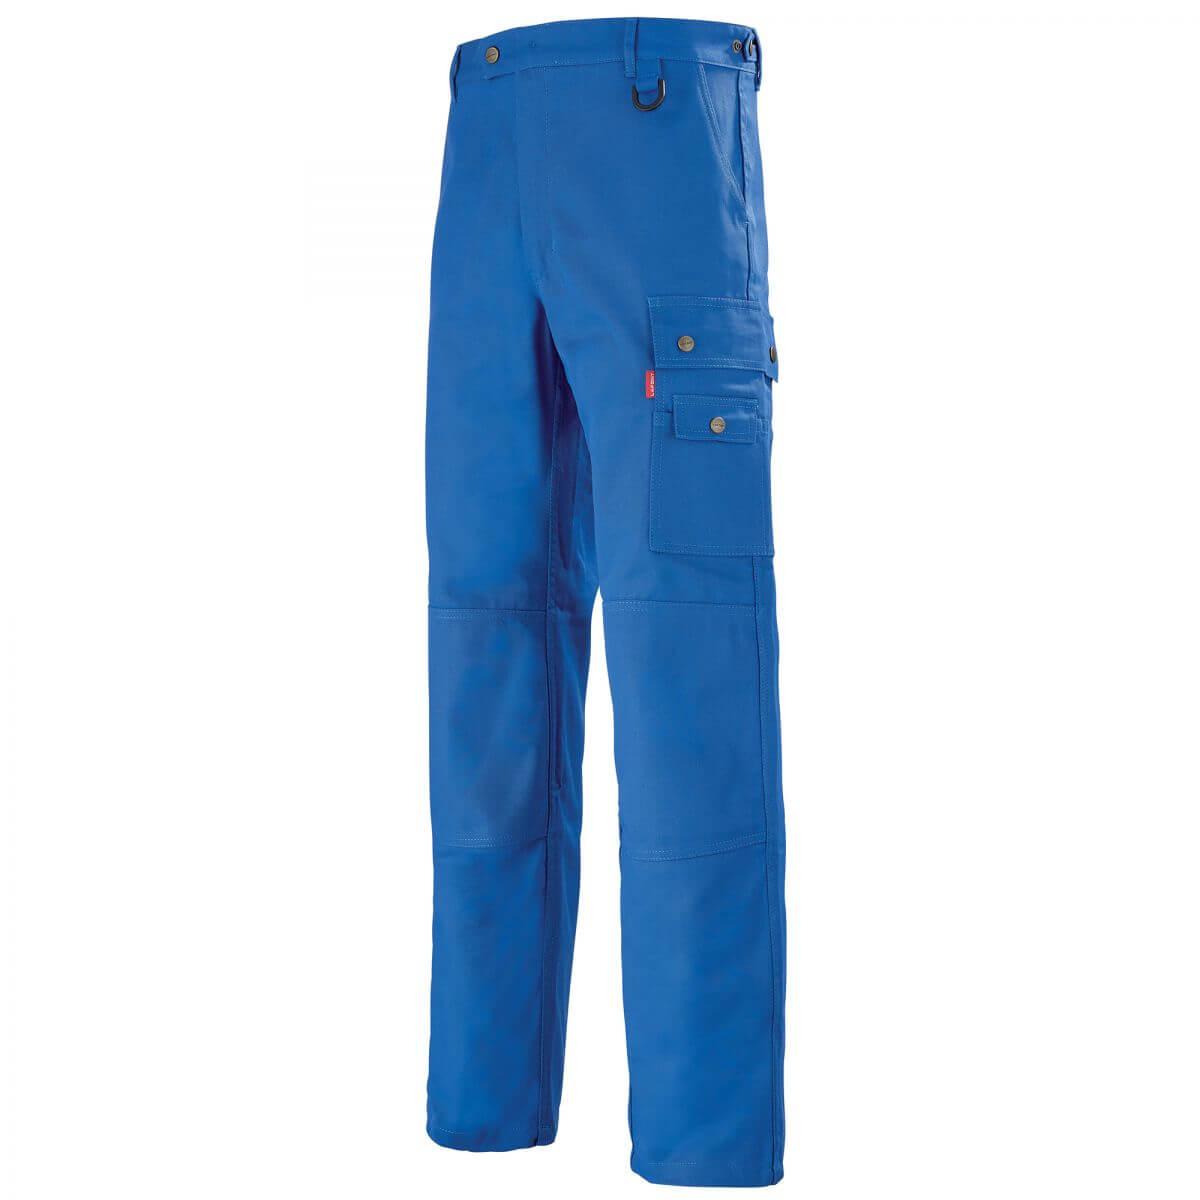 pantalon homme bleu de travail avec ceinture reglagble a. Black Bedroom Furniture Sets. Home Design Ideas